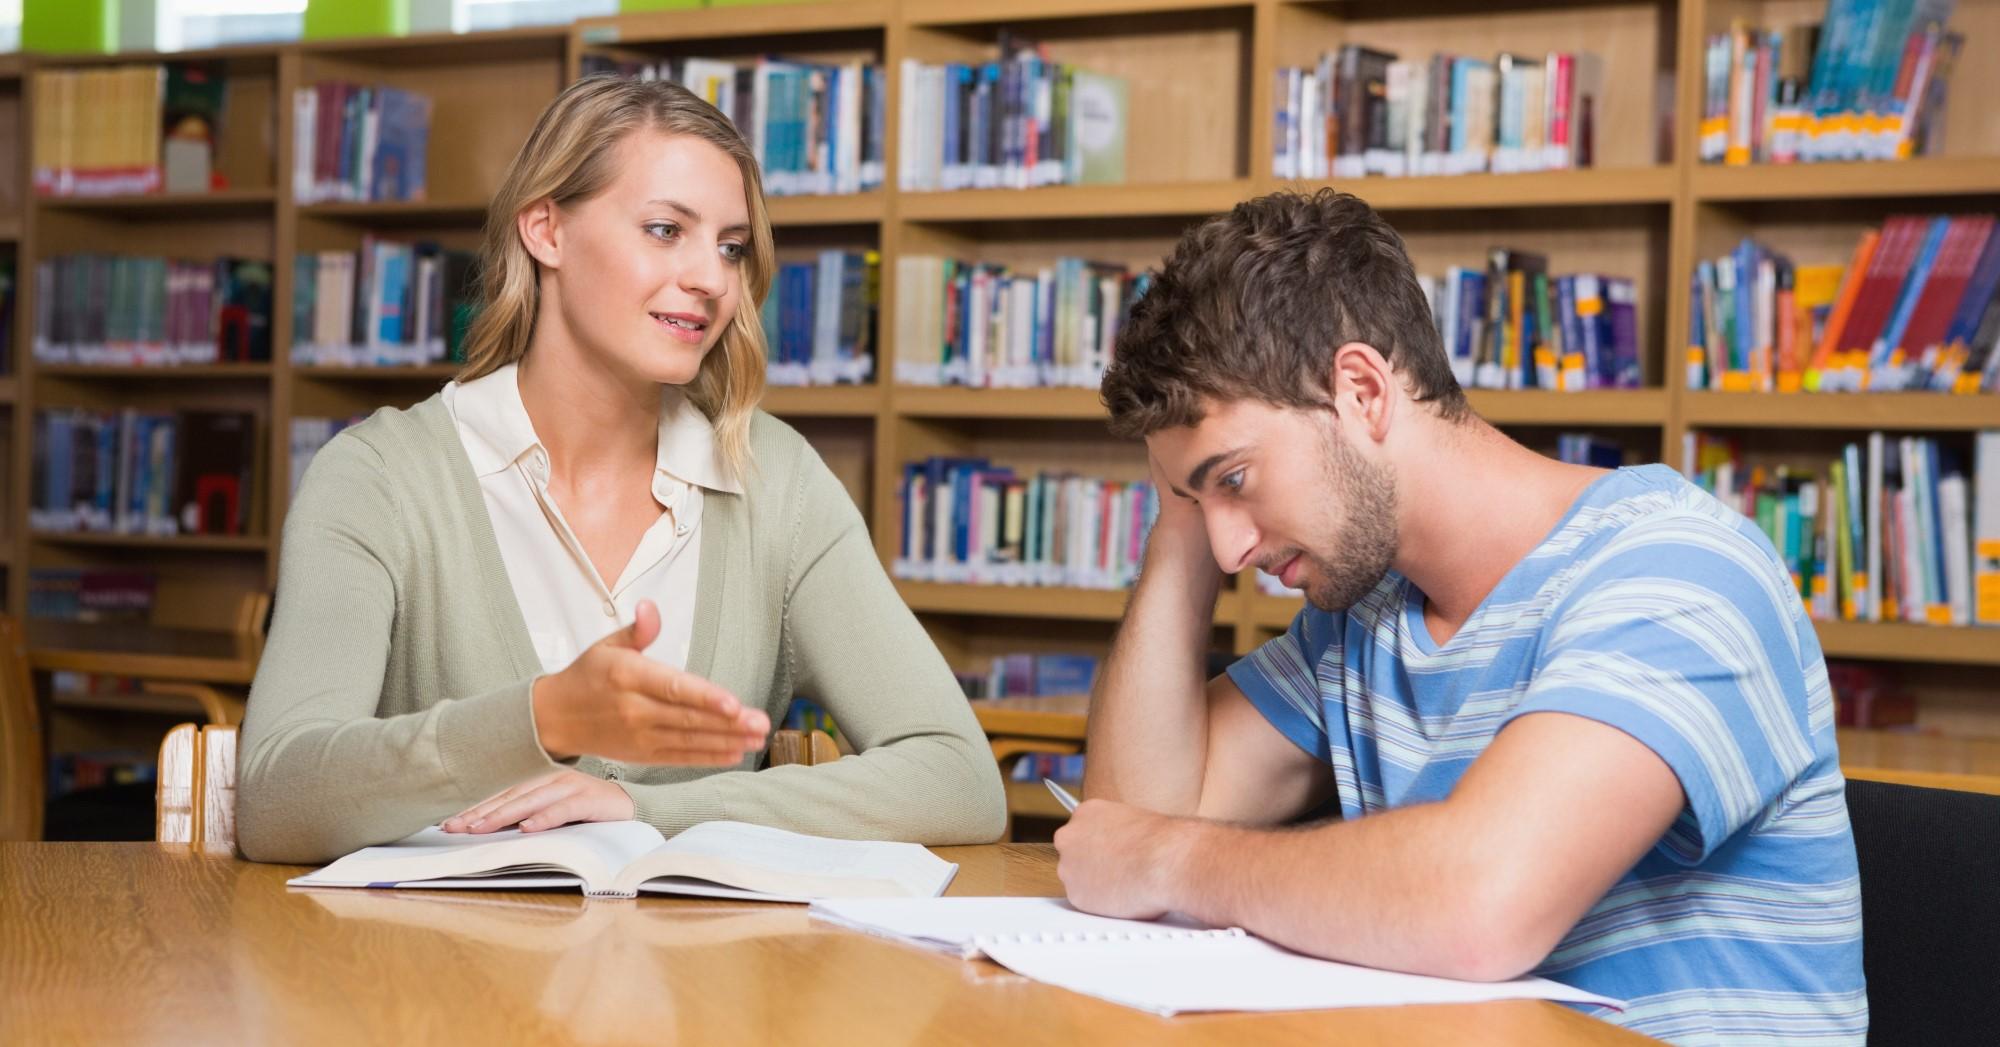 Explicadora e aluno